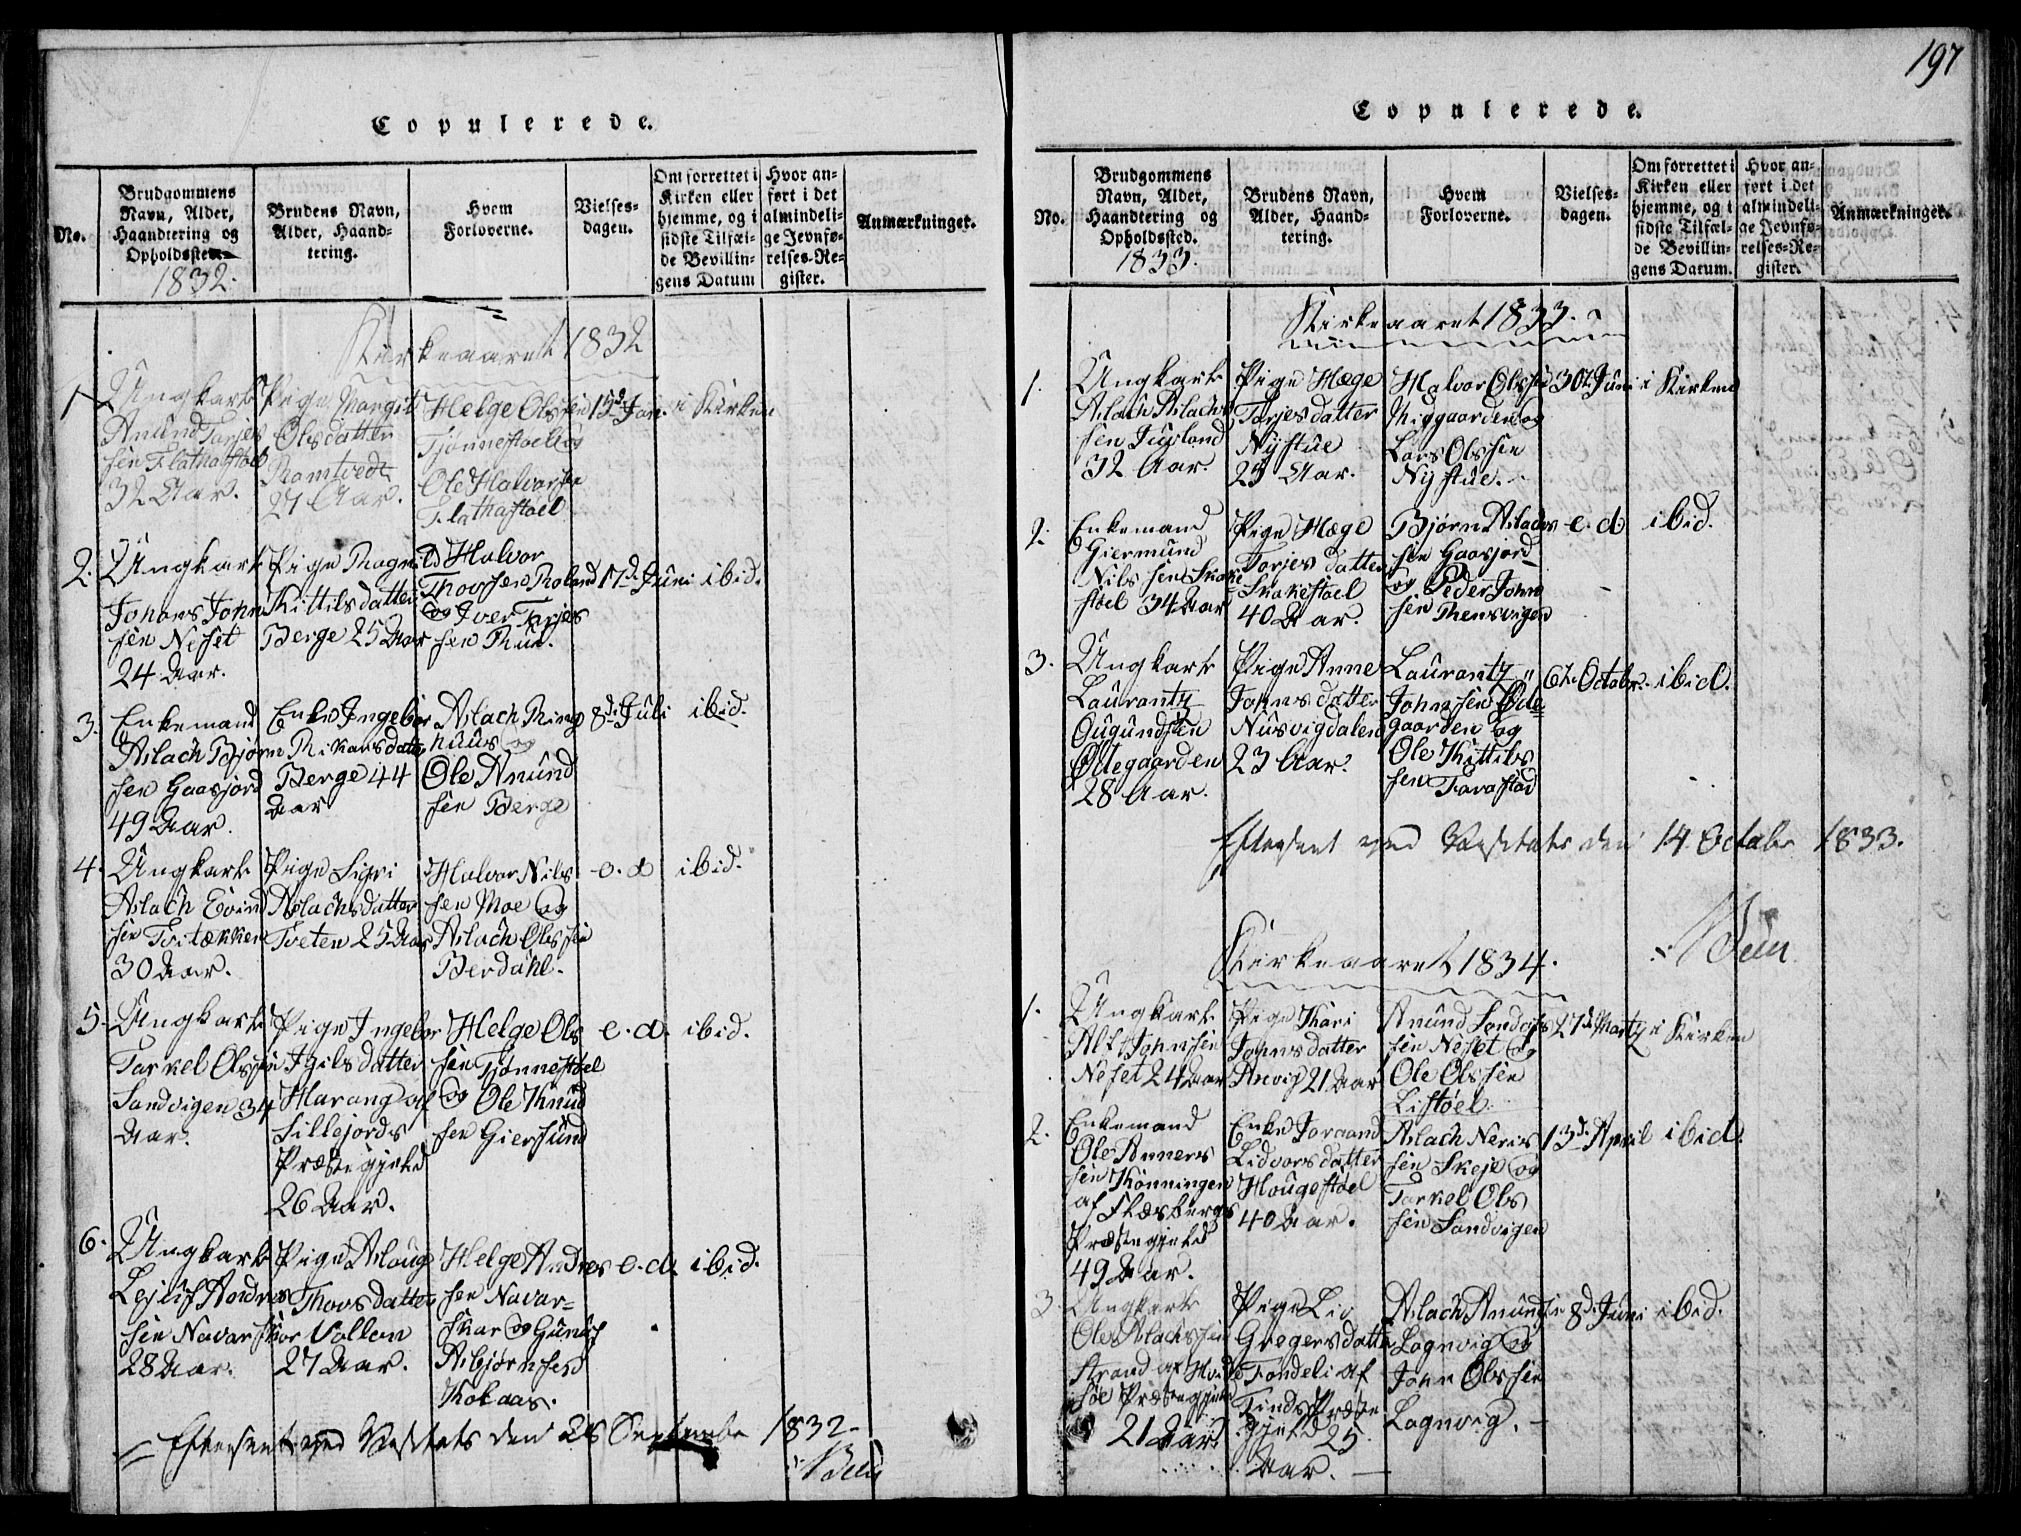 SAKO, Rauland kirkebøker, G/Ga/L0001: Klokkerbok nr. I 1, 1814-1843, s. 197